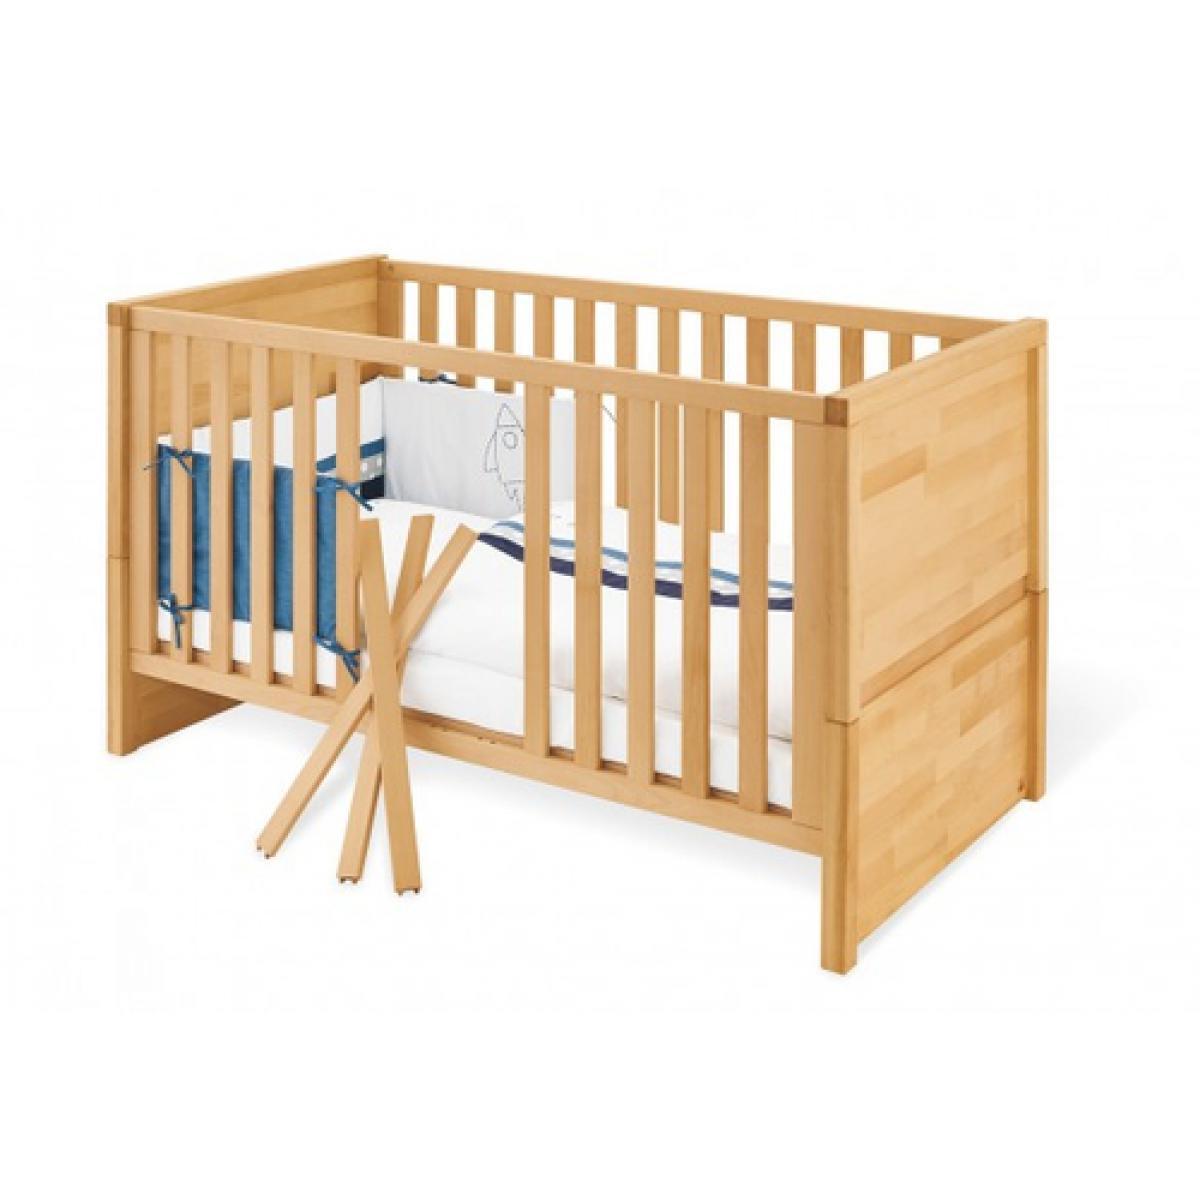 Pinolino Pinolino Ensemble Economique Fagus large 2 pièces lit de bébé évolutif commode à langer large